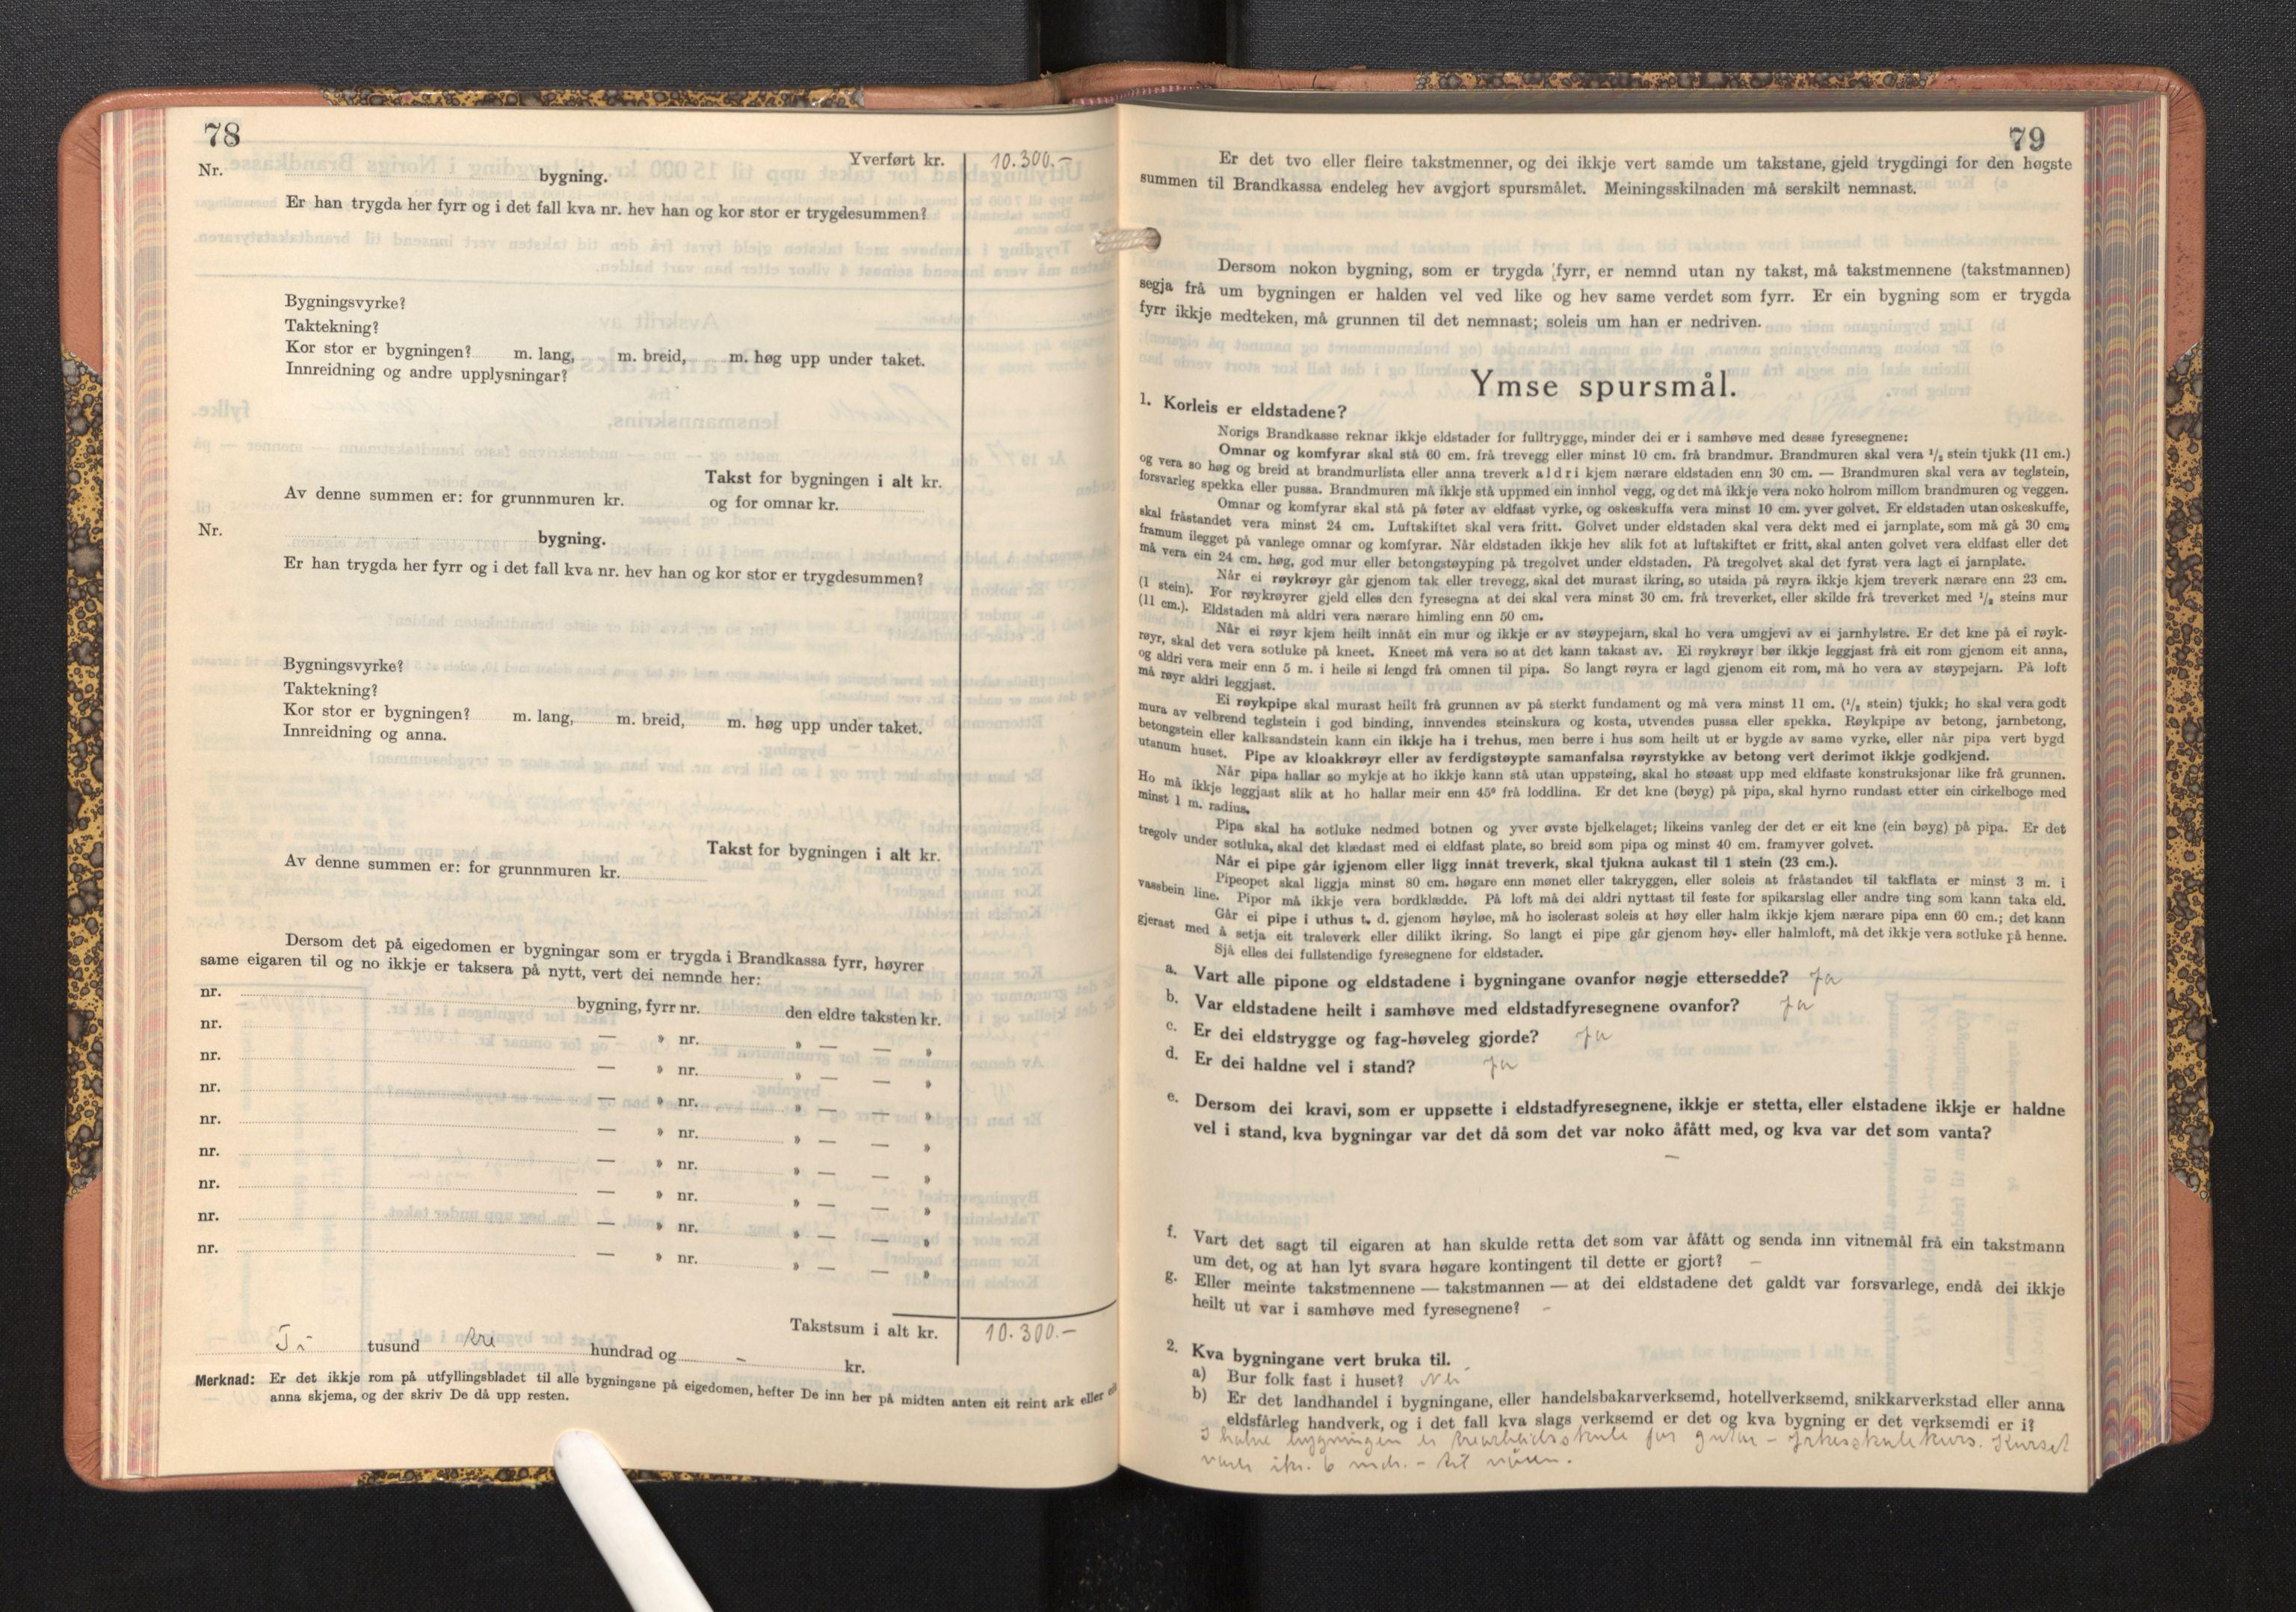 SAB, Lensmannen i Askvoll, 0012/L0005: Branntakstprotokoll, skjematakst, 1940-1949, s. 78-79